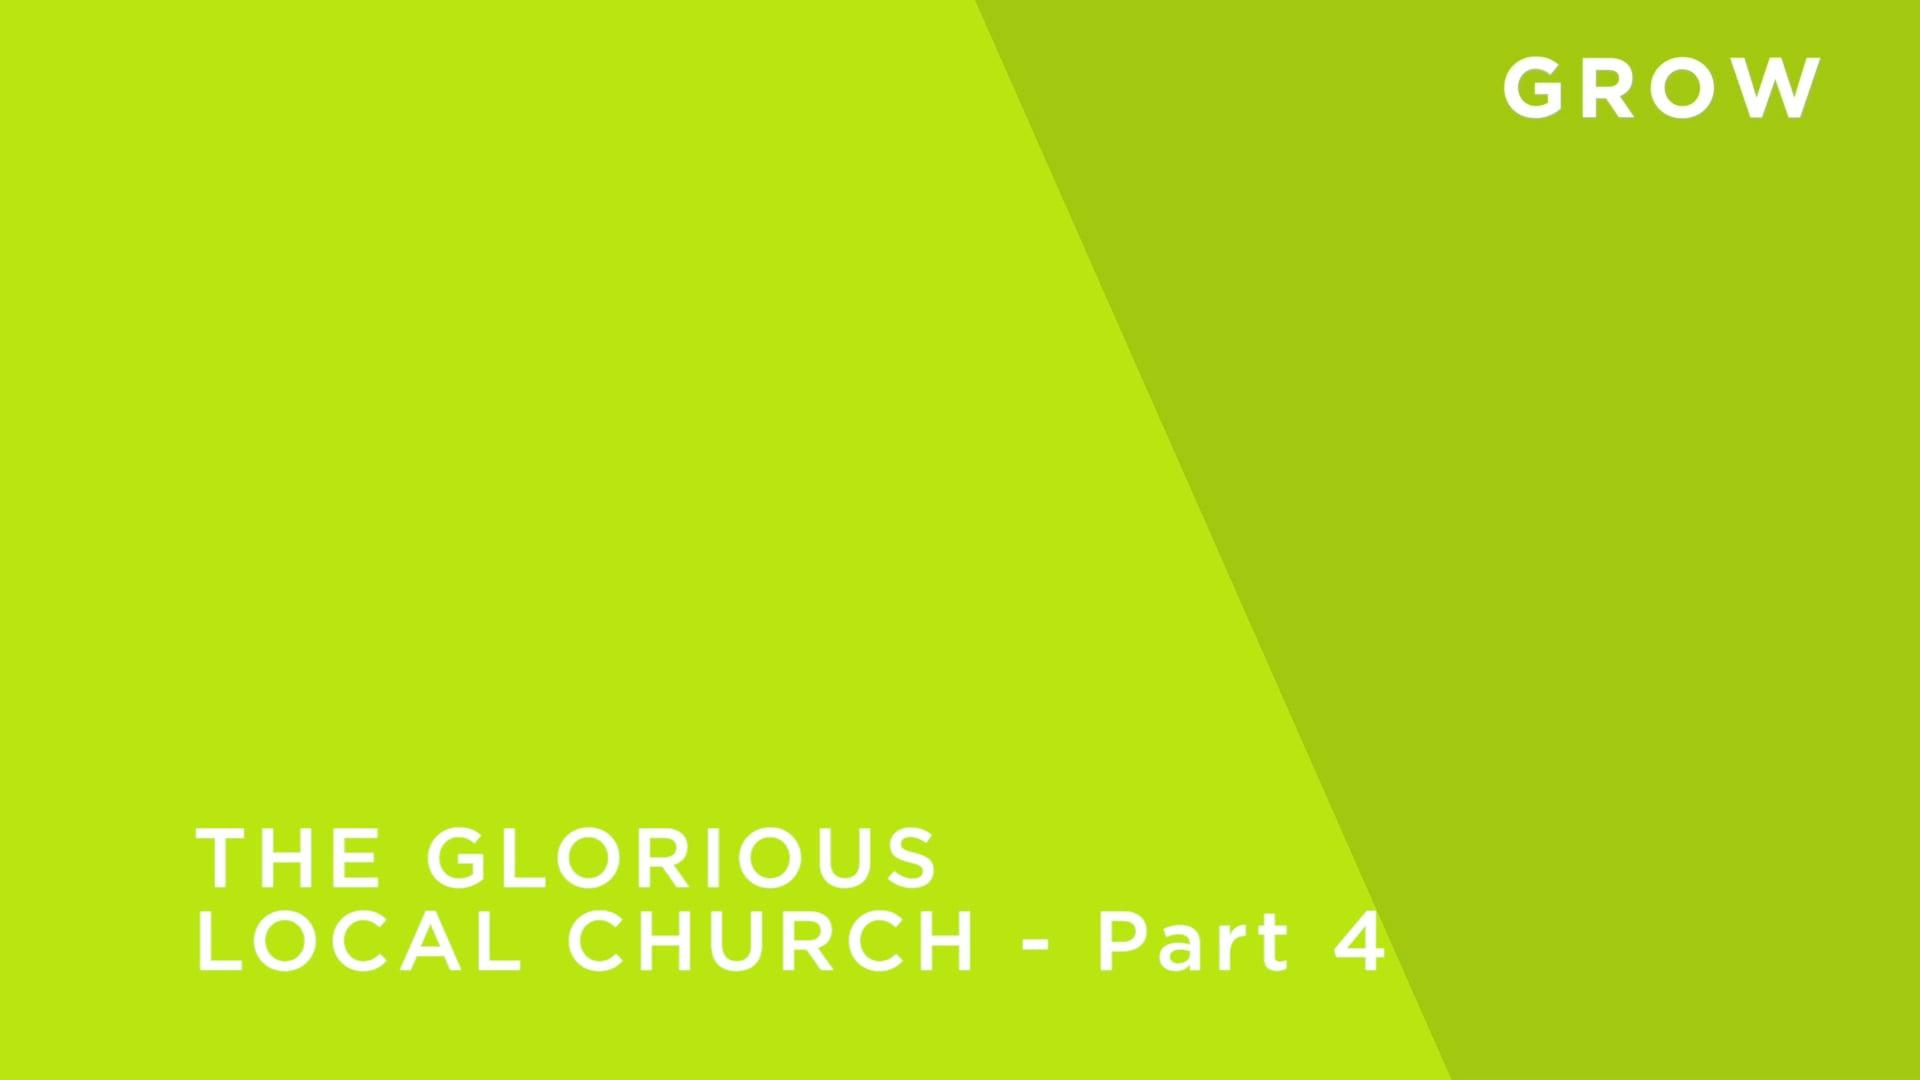 The Glorious Local Church - Part 4 - WHAT IS A CHURCH